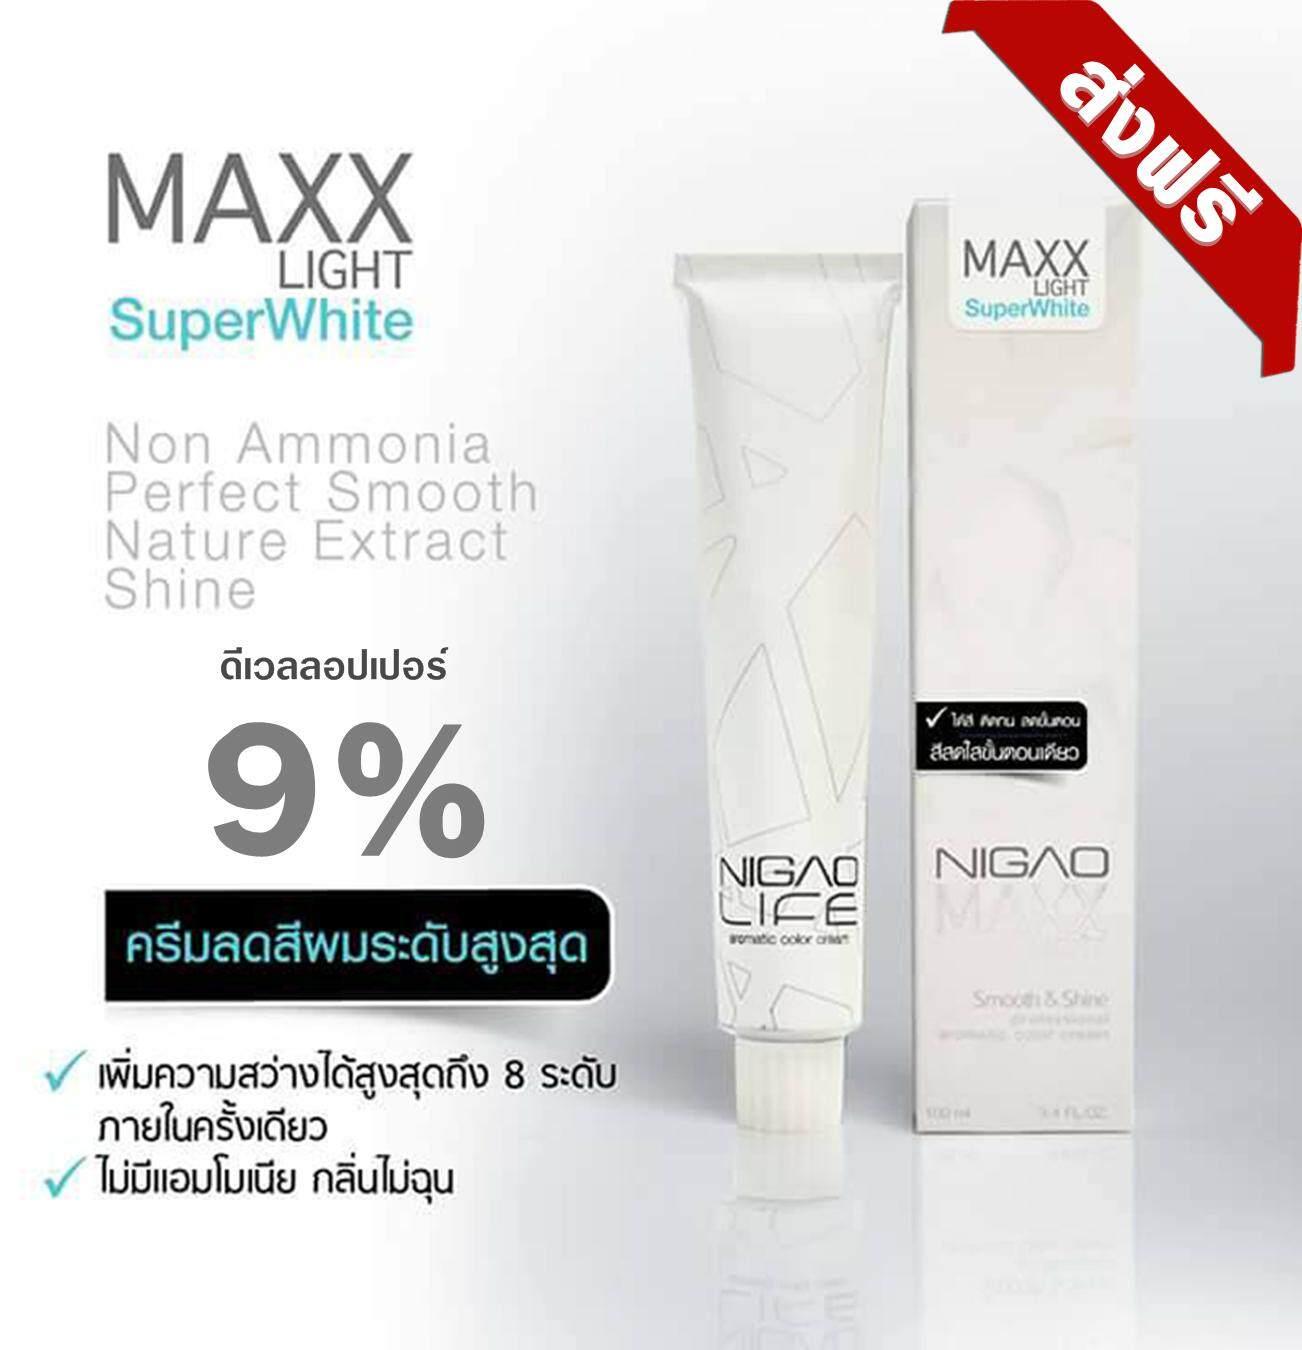 (ส่งฟรี) NIGAO Maxx LightSuper White นิกาโอะ ครีมฟอกสีผม 9% (พร้อมไฮฯ ไม่ต้องซื้อแยก)